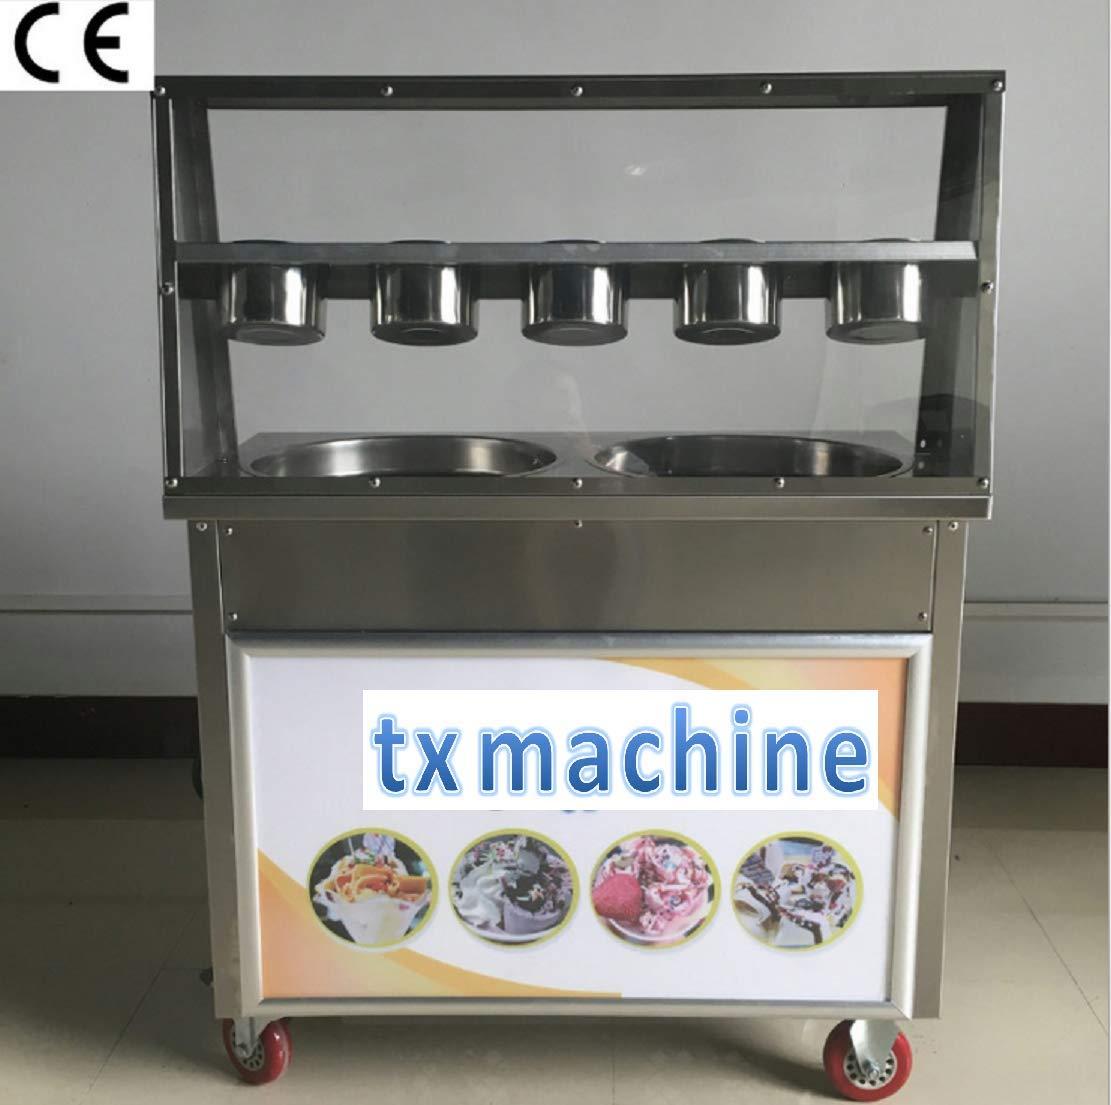 Amazon.com: TX® máquina de helado frito comercial 2 sartenes ...